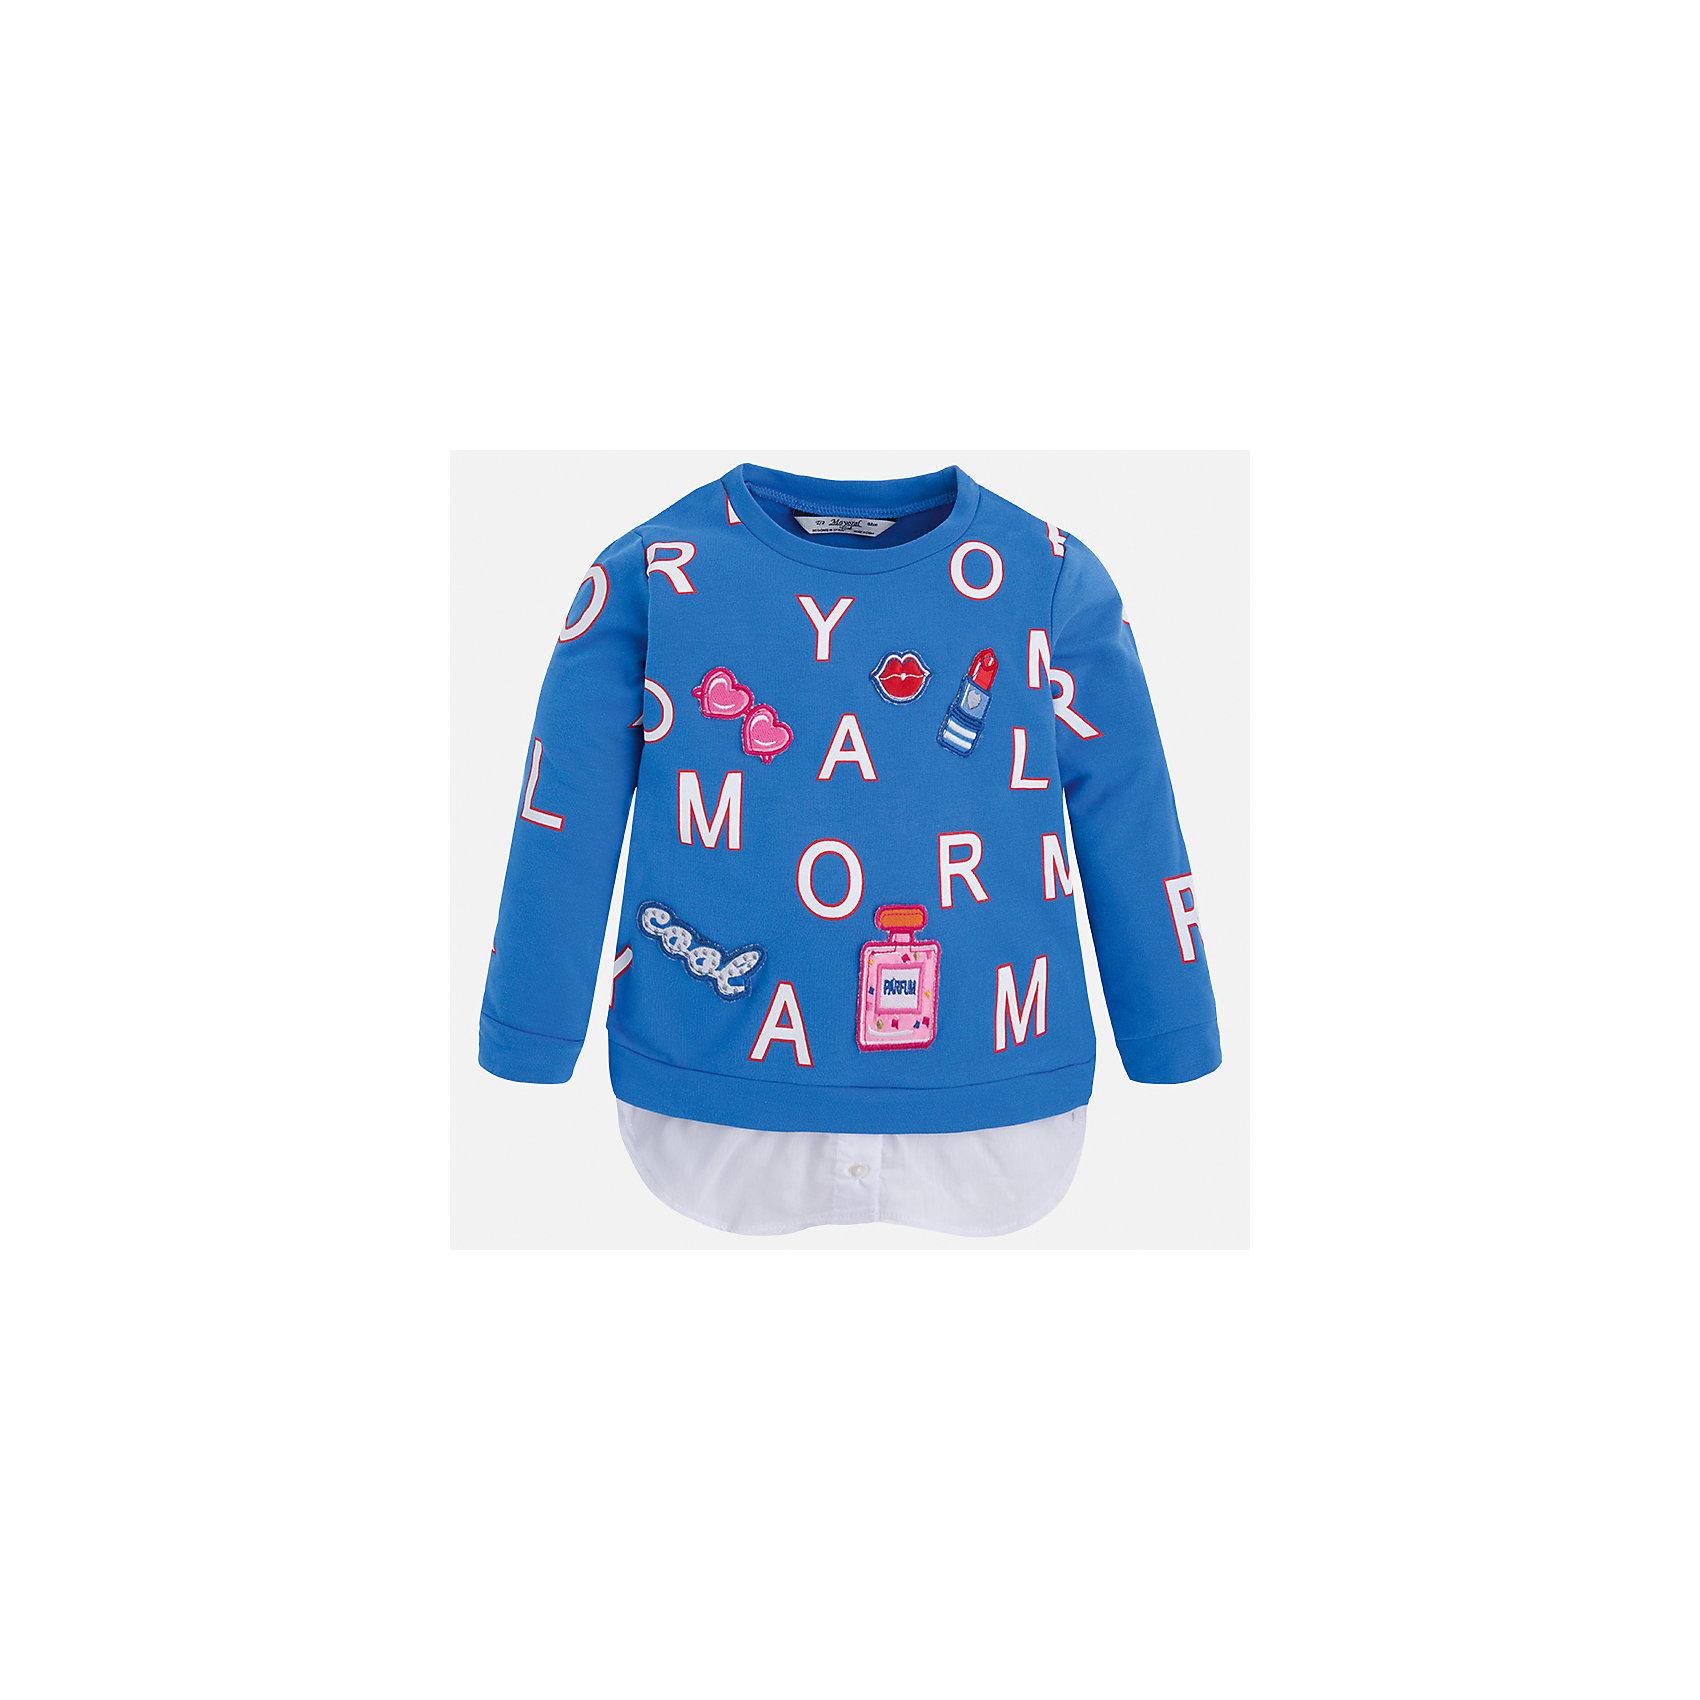 Толстовка для девочки MayoralТолстовки<br>Характеристики товара:<br><br>• цвет: синий<br>• состав: 95% хлопок, 5% эластан<br>• украшен принтом<br>• ворот - округлый<br>• с длинными рукавами <br>• манжеты<br>• страна бренда: Испания<br><br>Удобный и красивый свитер для девочки поможет разнообразить гардероб ребенка и украсить наряд. Он отлично сочетается и с юбками, и с брюками. Яркий цвет позволяет подобрать к вещи низ различных расцветок. Интересная отделка модели делает её нарядной и оригинальной. <br><br>Одежда, обувь и аксессуары от испанского бренда Mayoral полюбились детям и взрослым по всему миру. Модели этой марки - стильные и удобные. Для их производства используются только безопасные, качественные материалы и фурнитура. Порадуйте ребенка модными и красивыми вещами от Mayoral! <br><br>Свитер для девочки от испанского бренда Mayoral (Майорал) можно купить в нашем интернет-магазине.<br><br>Ширина мм: 190<br>Глубина мм: 74<br>Высота мм: 229<br>Вес г: 236<br>Цвет: синий<br>Возраст от месяцев: 96<br>Возраст до месяцев: 108<br>Пол: Женский<br>Возраст: Детский<br>Размер: 134,92,98,104,110,116,122,128<br>SKU: 5290029